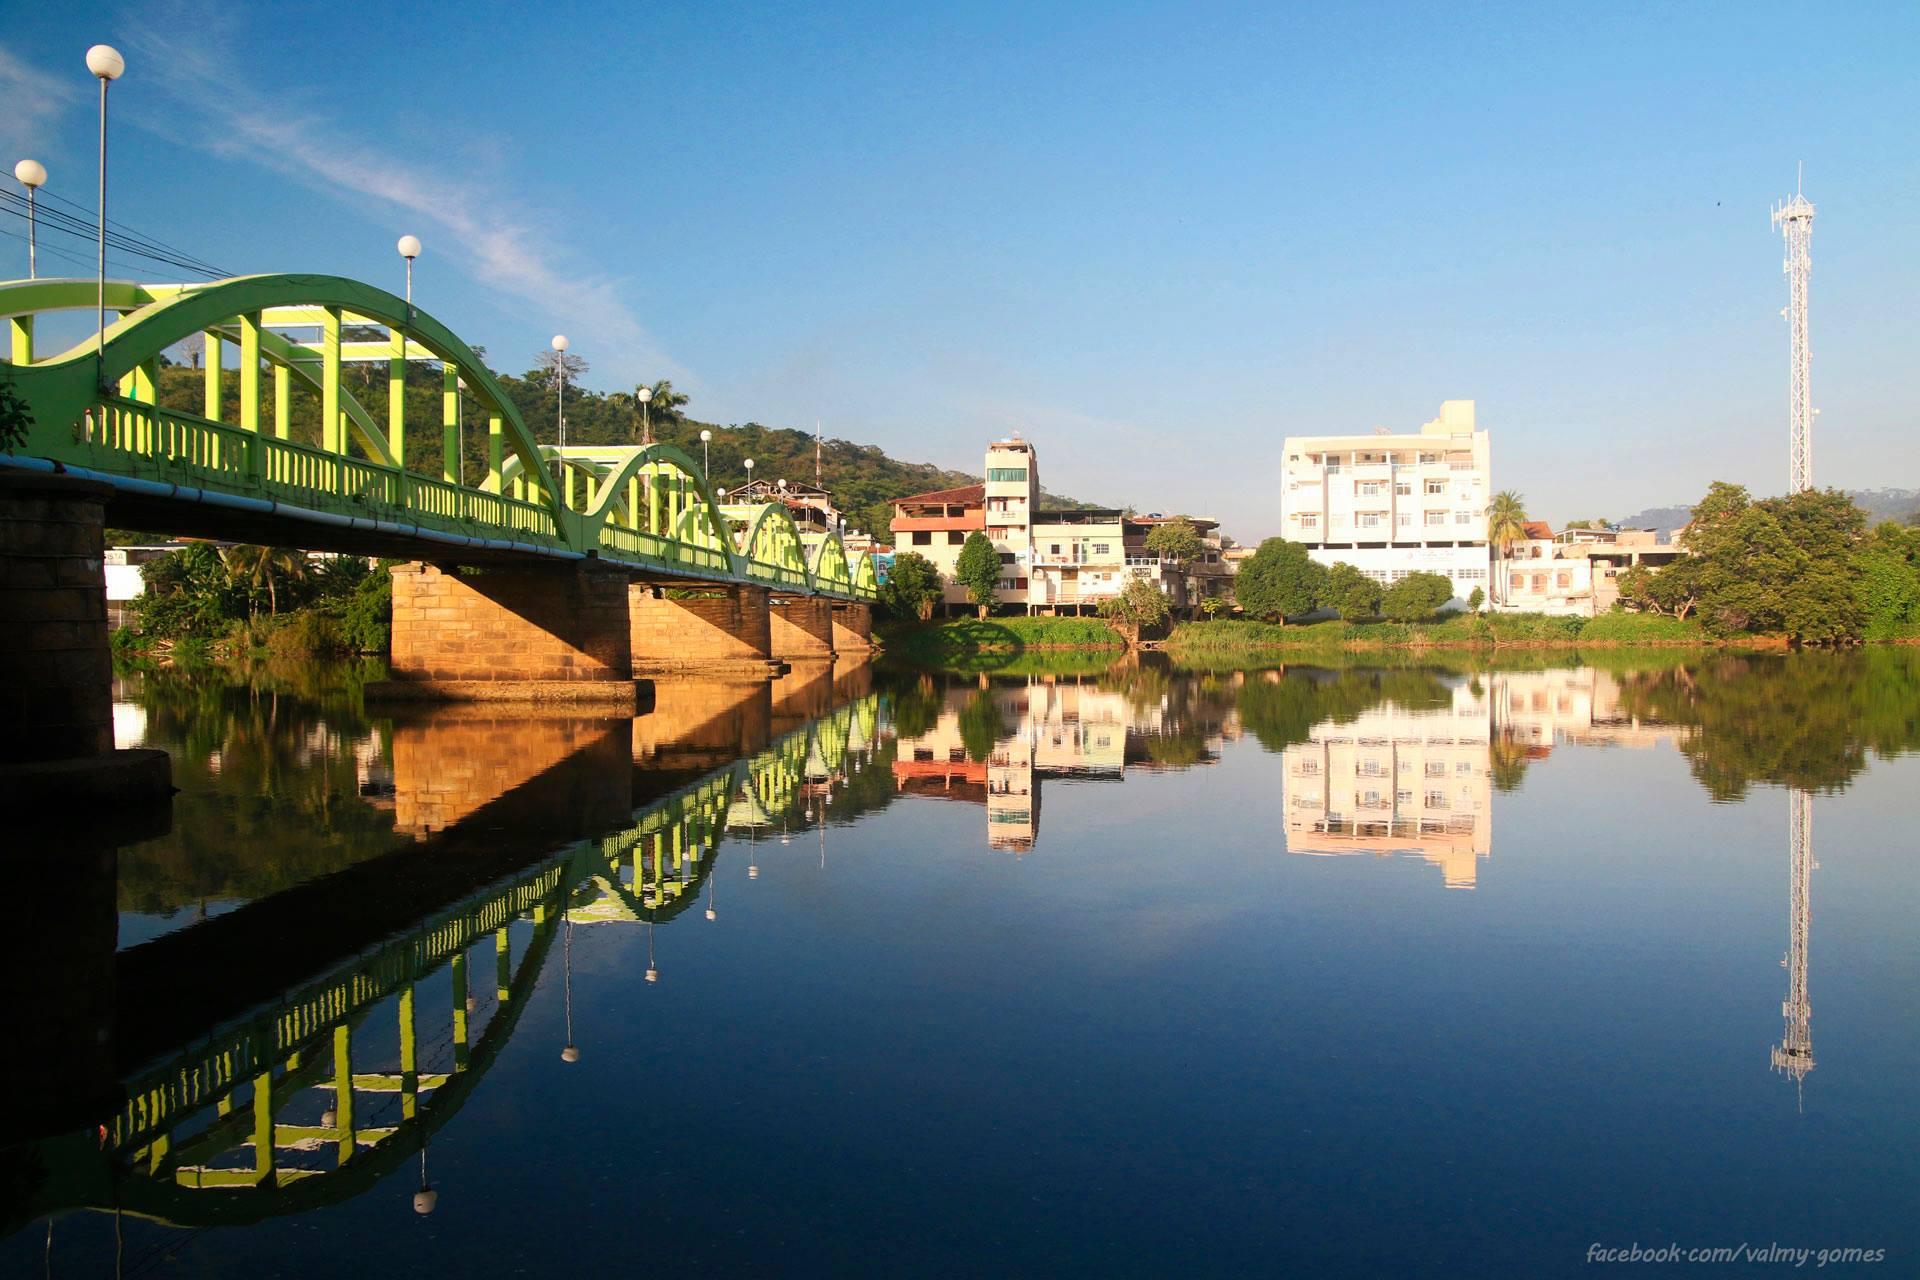 Santo Antônio de Pádua Rio de Janeiro fonte: upload.wikimedia.org